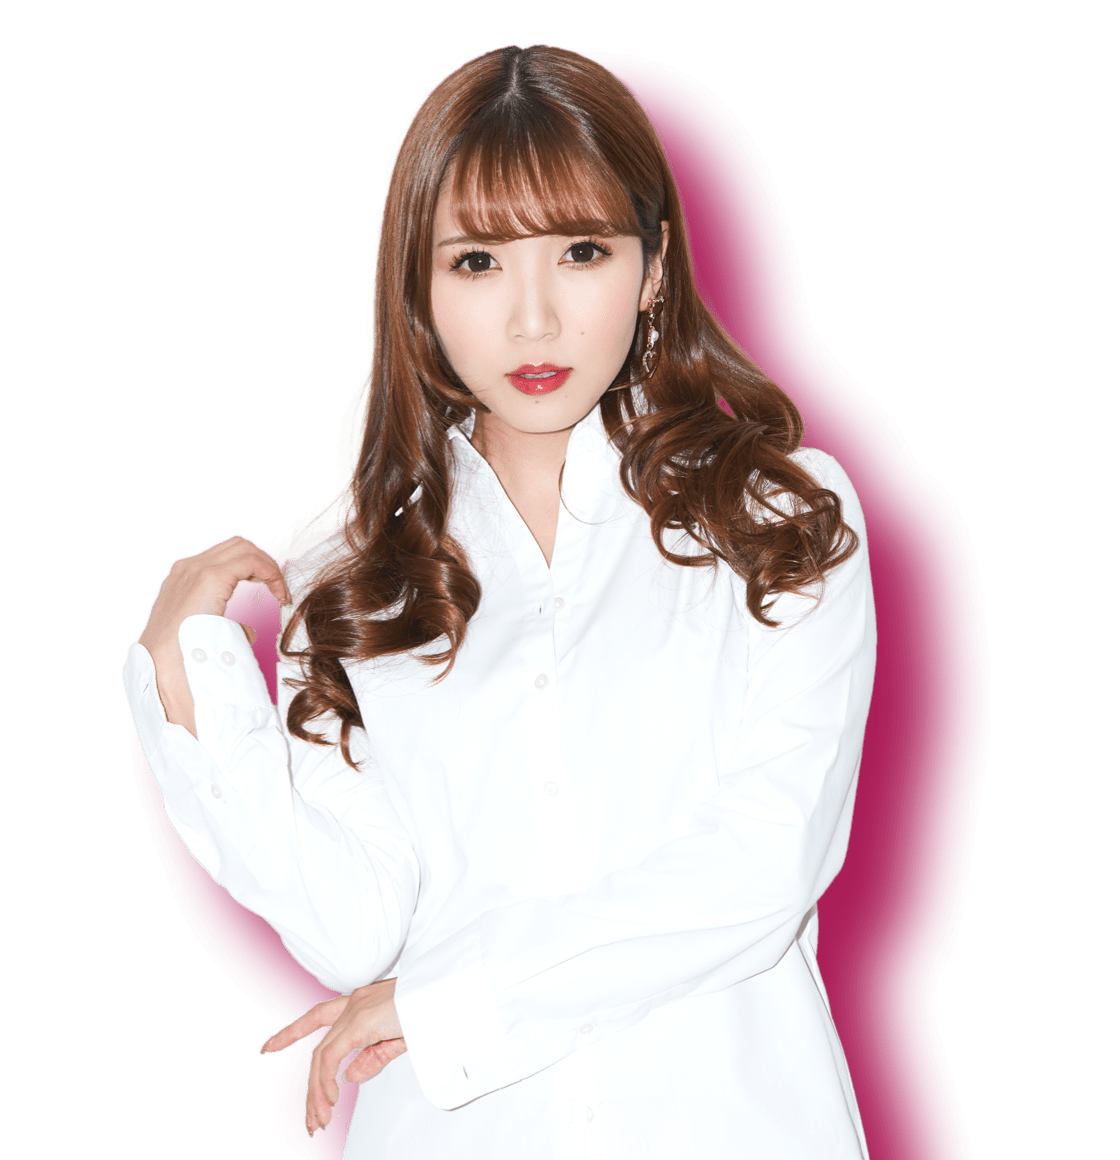 友田彩也香のシャツ画像